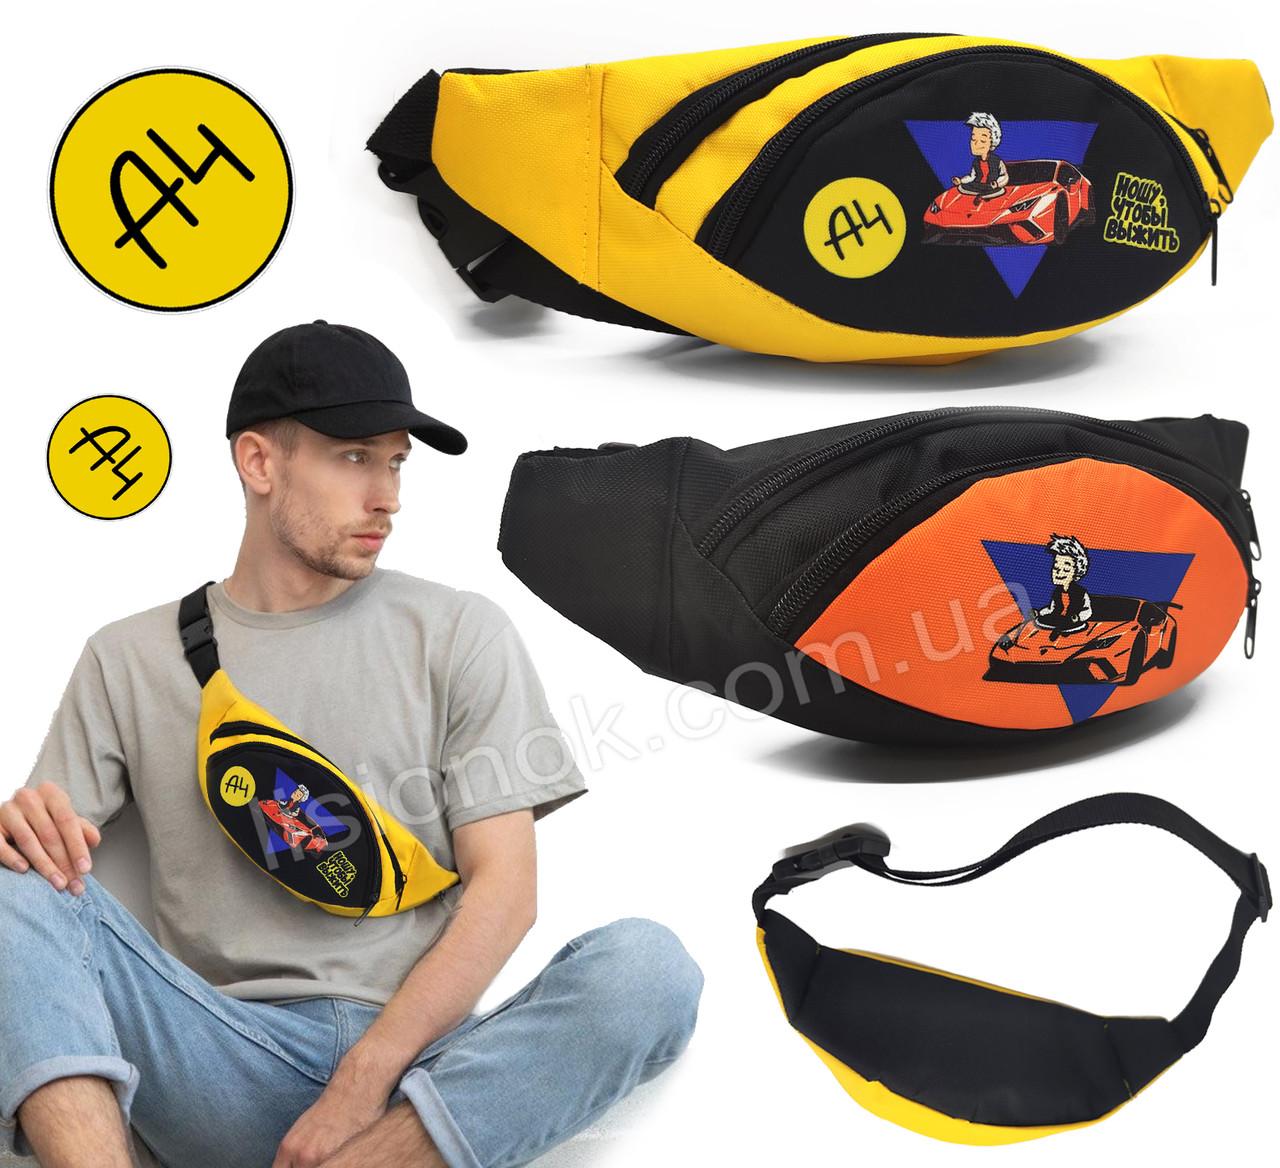 Бананка Влад А4 Ламба, сумка на пояс – практичная, яркая, вместительная